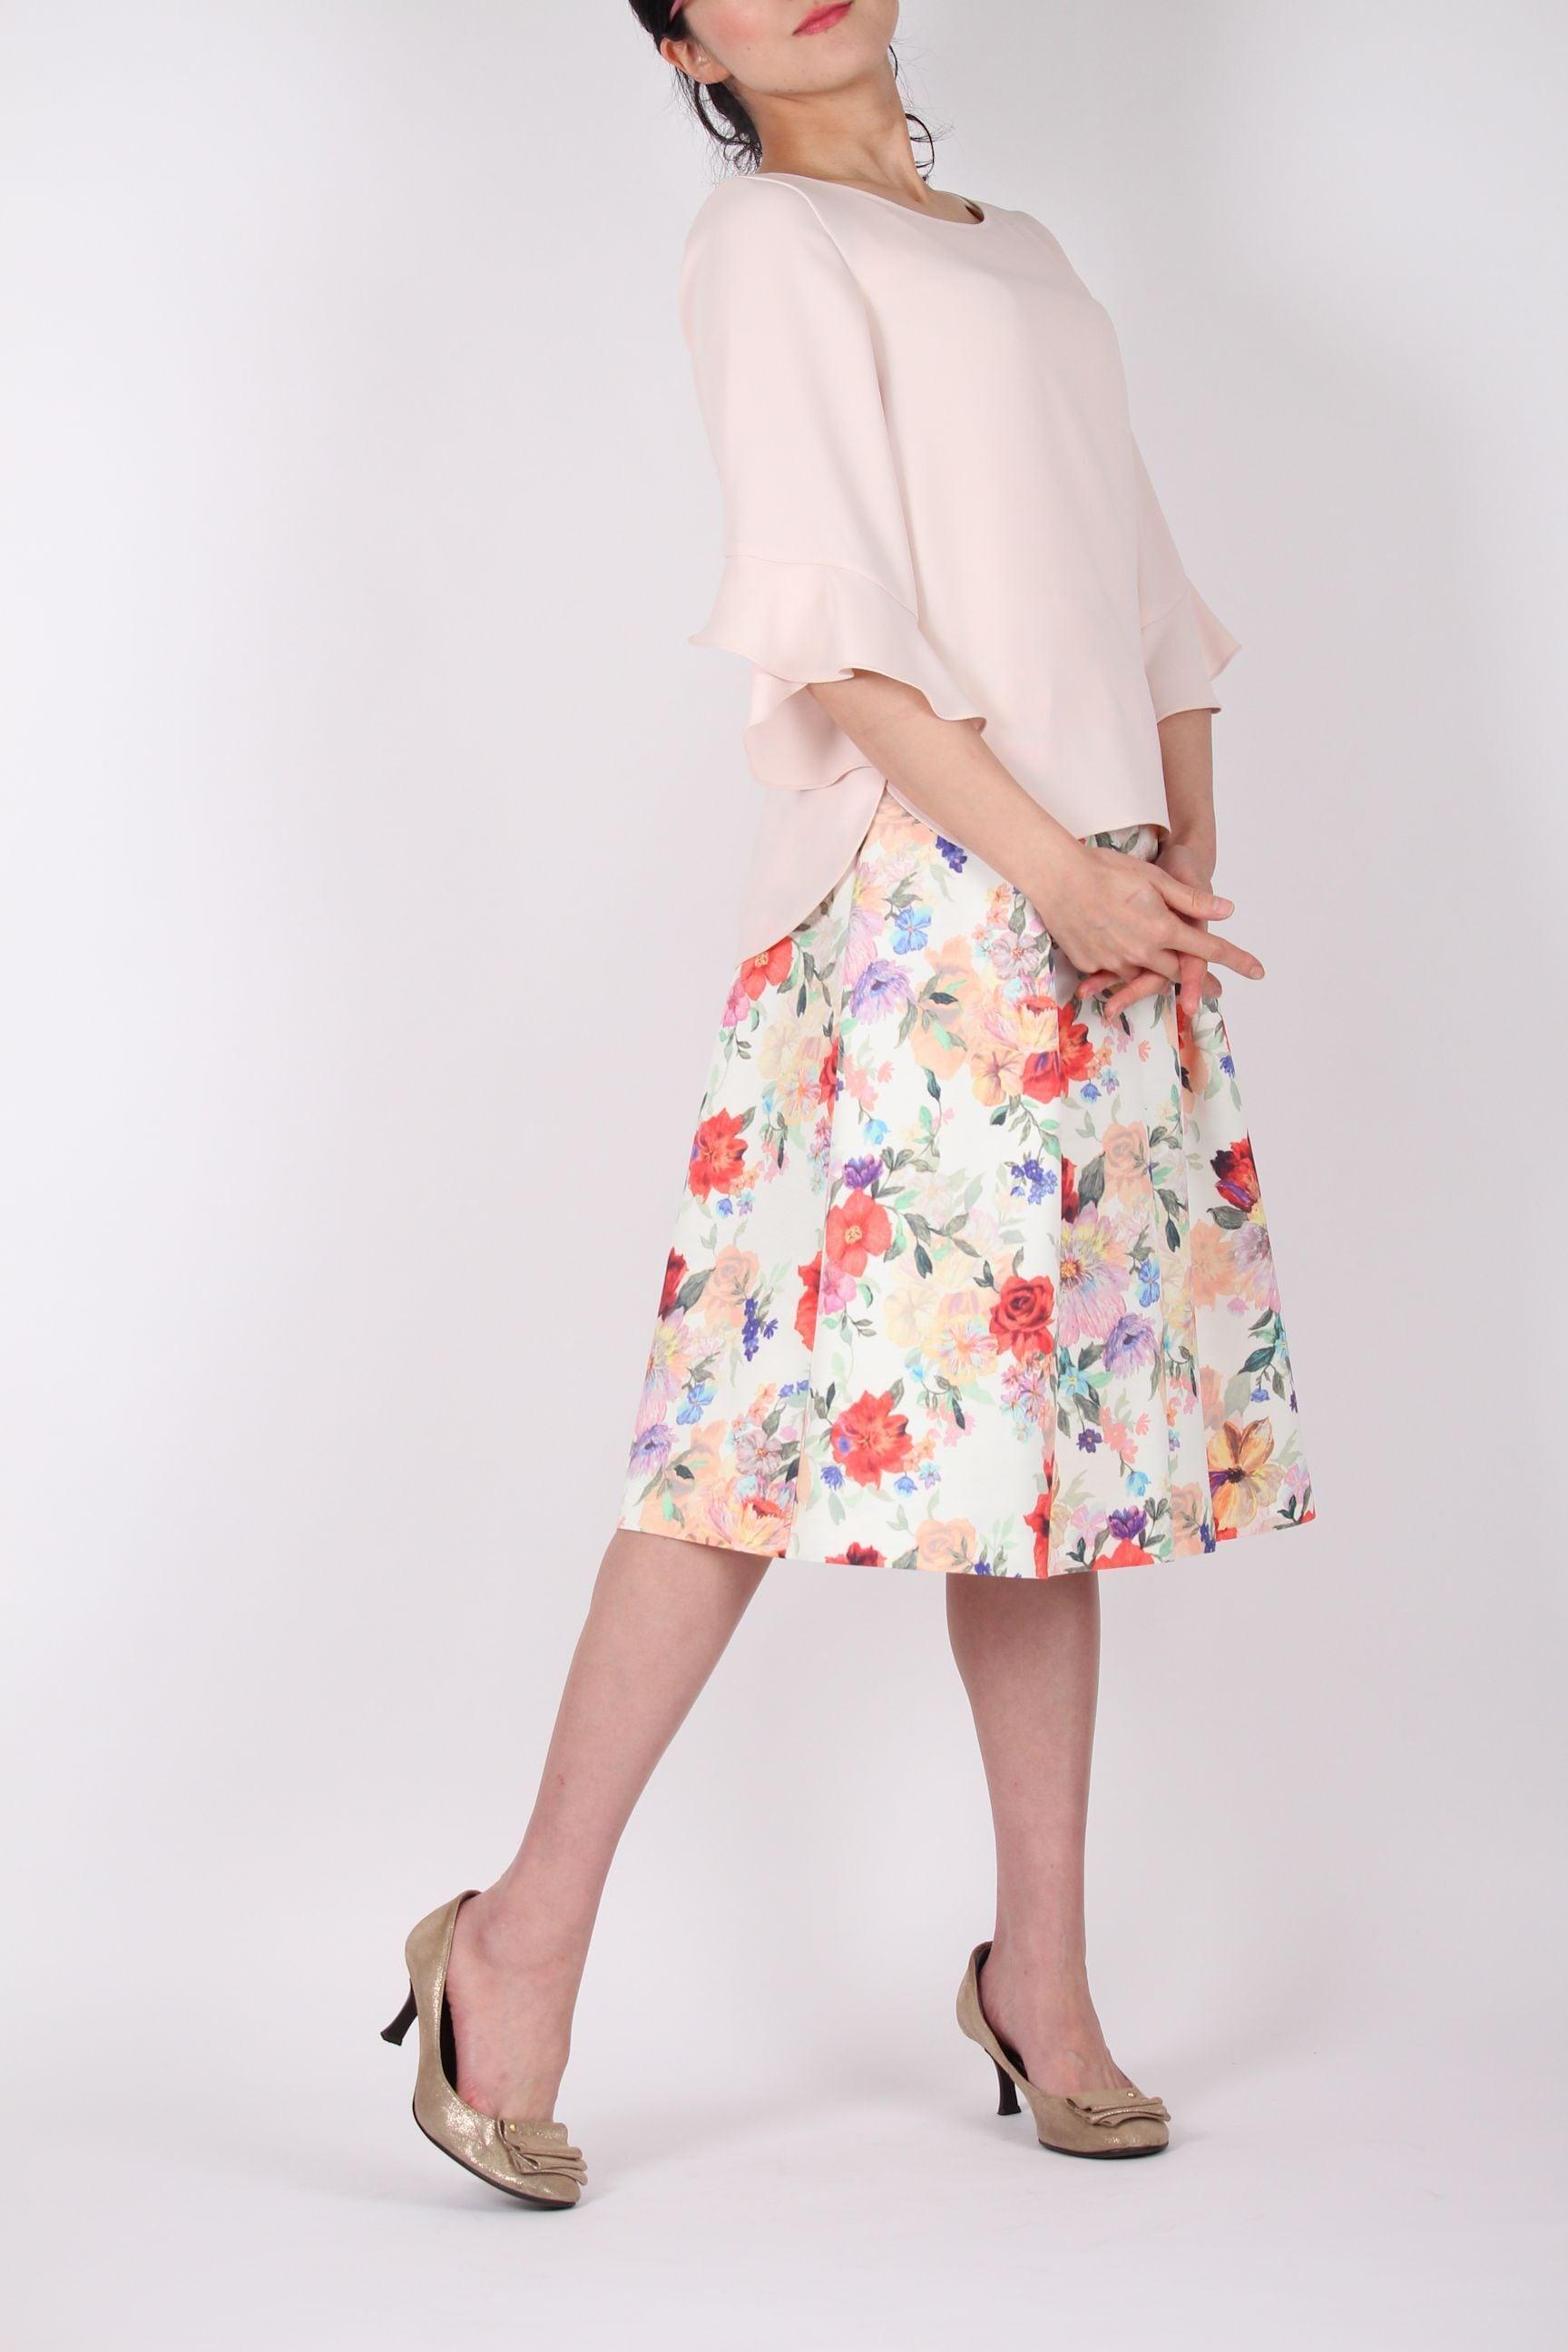 ロマンチックな花柄スカート